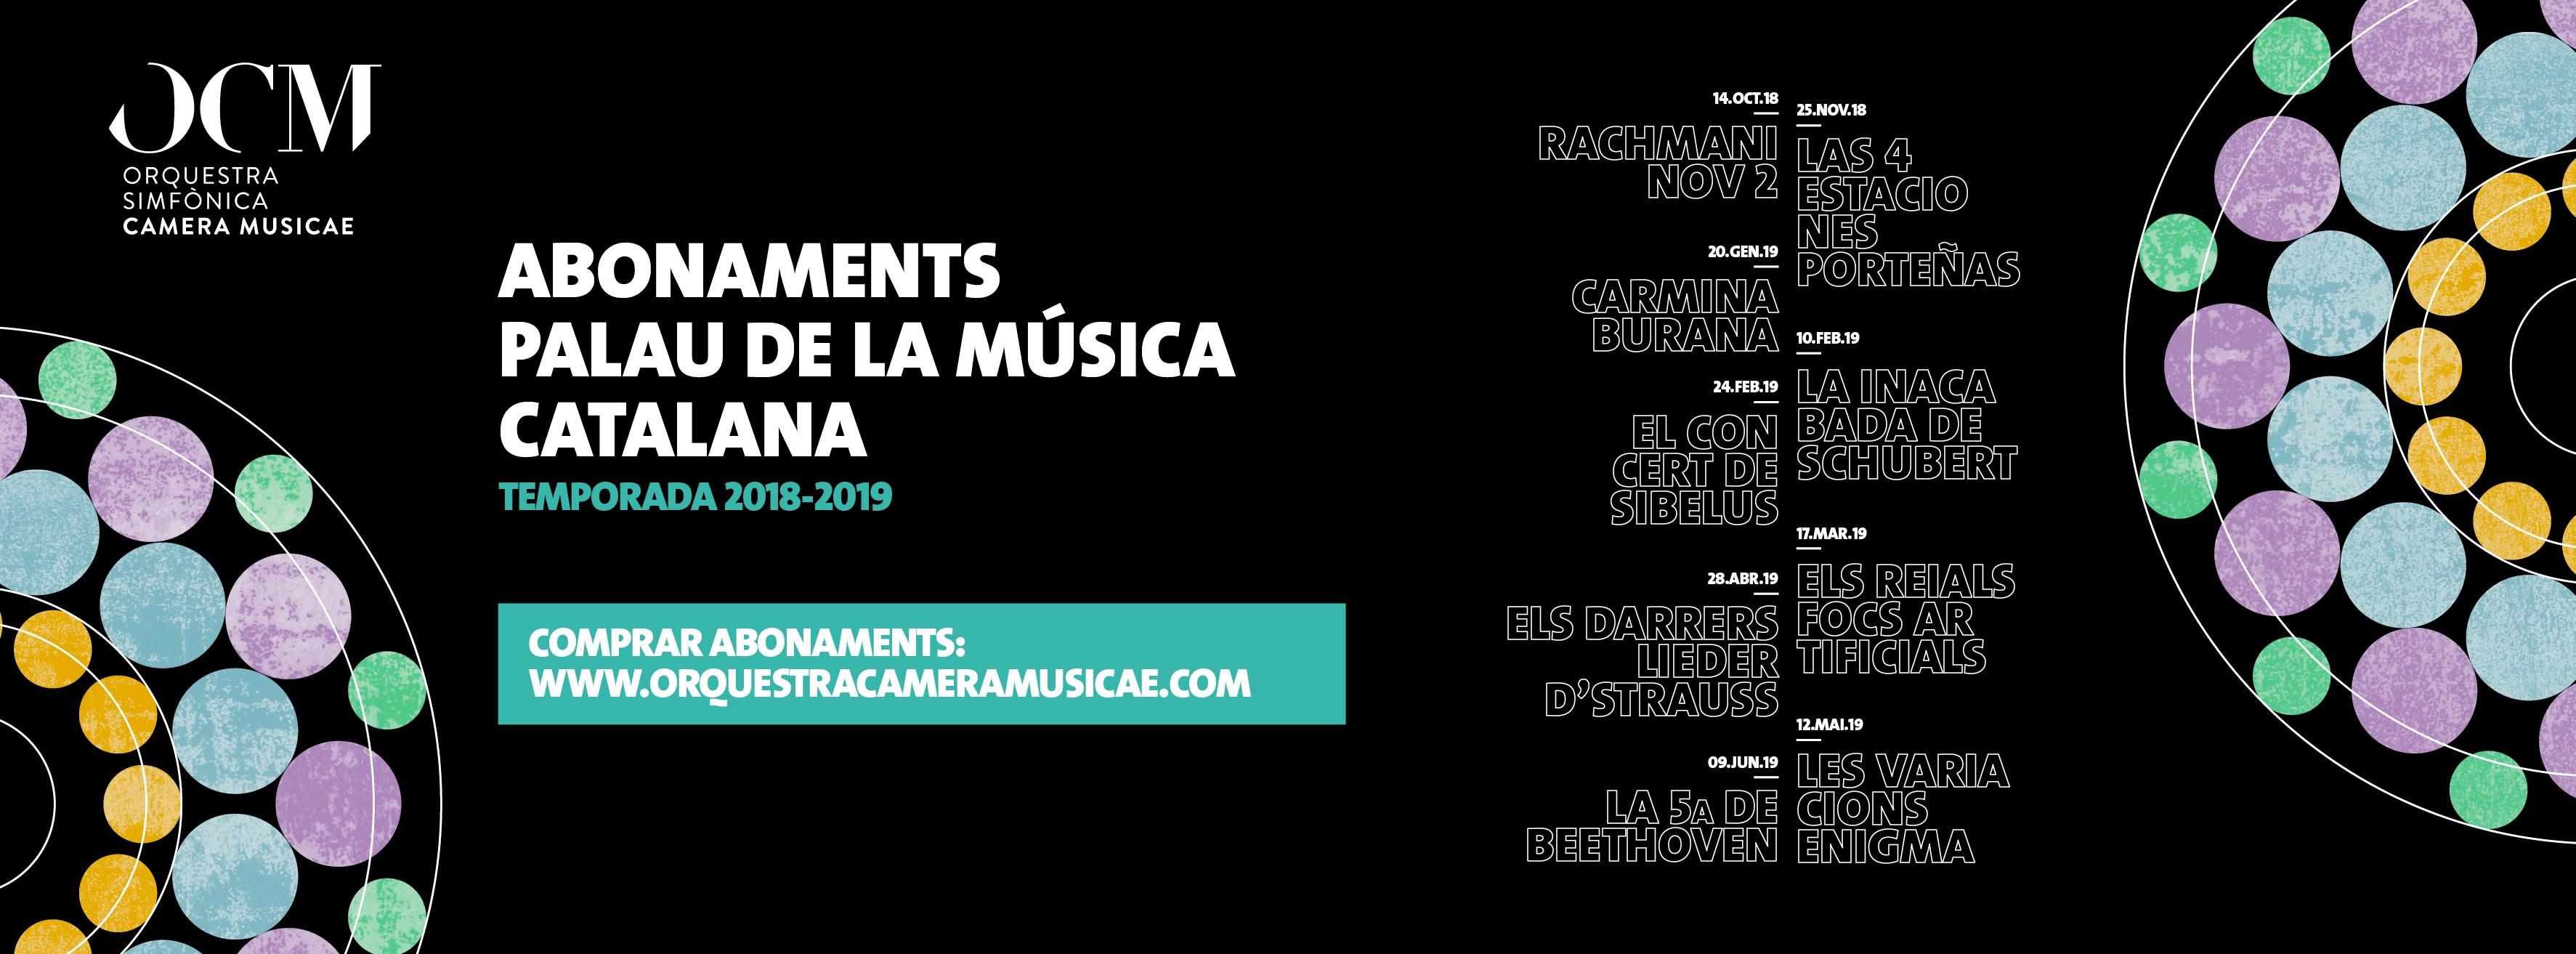 Descuento Conciertos Y Abonos Orquesta Camera Musicae